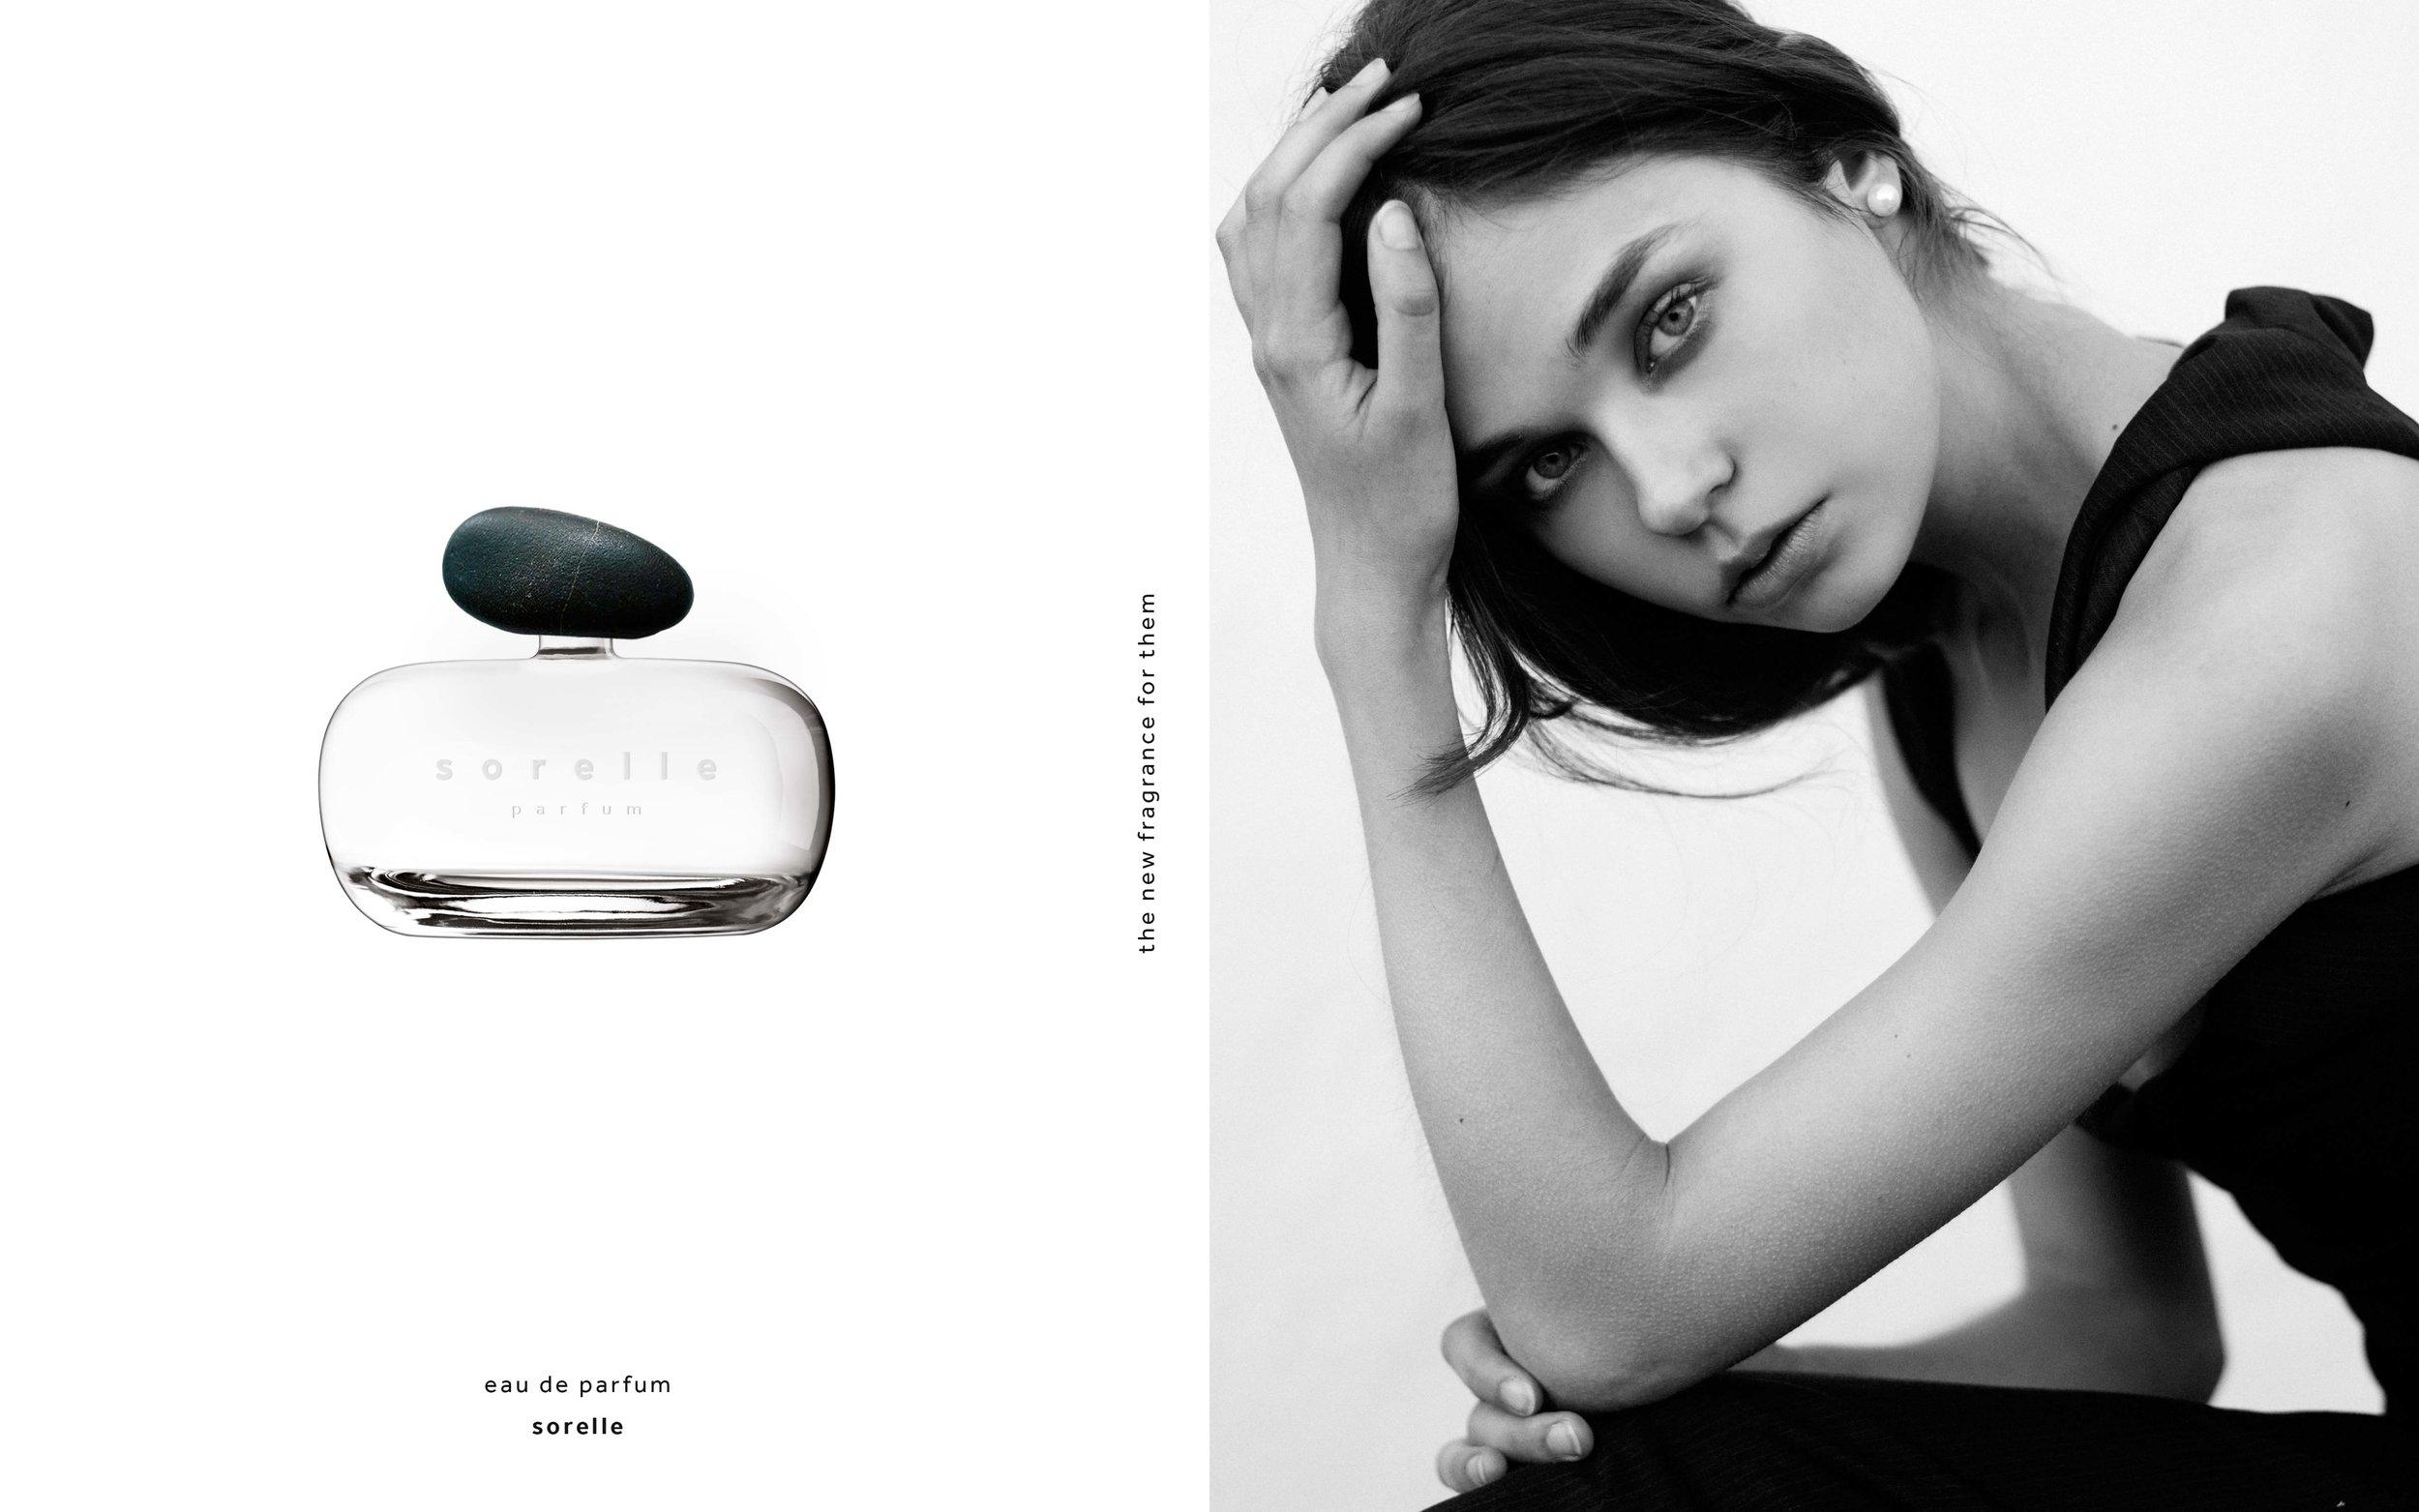 trudie_7981-perfume_sorelle.jpg